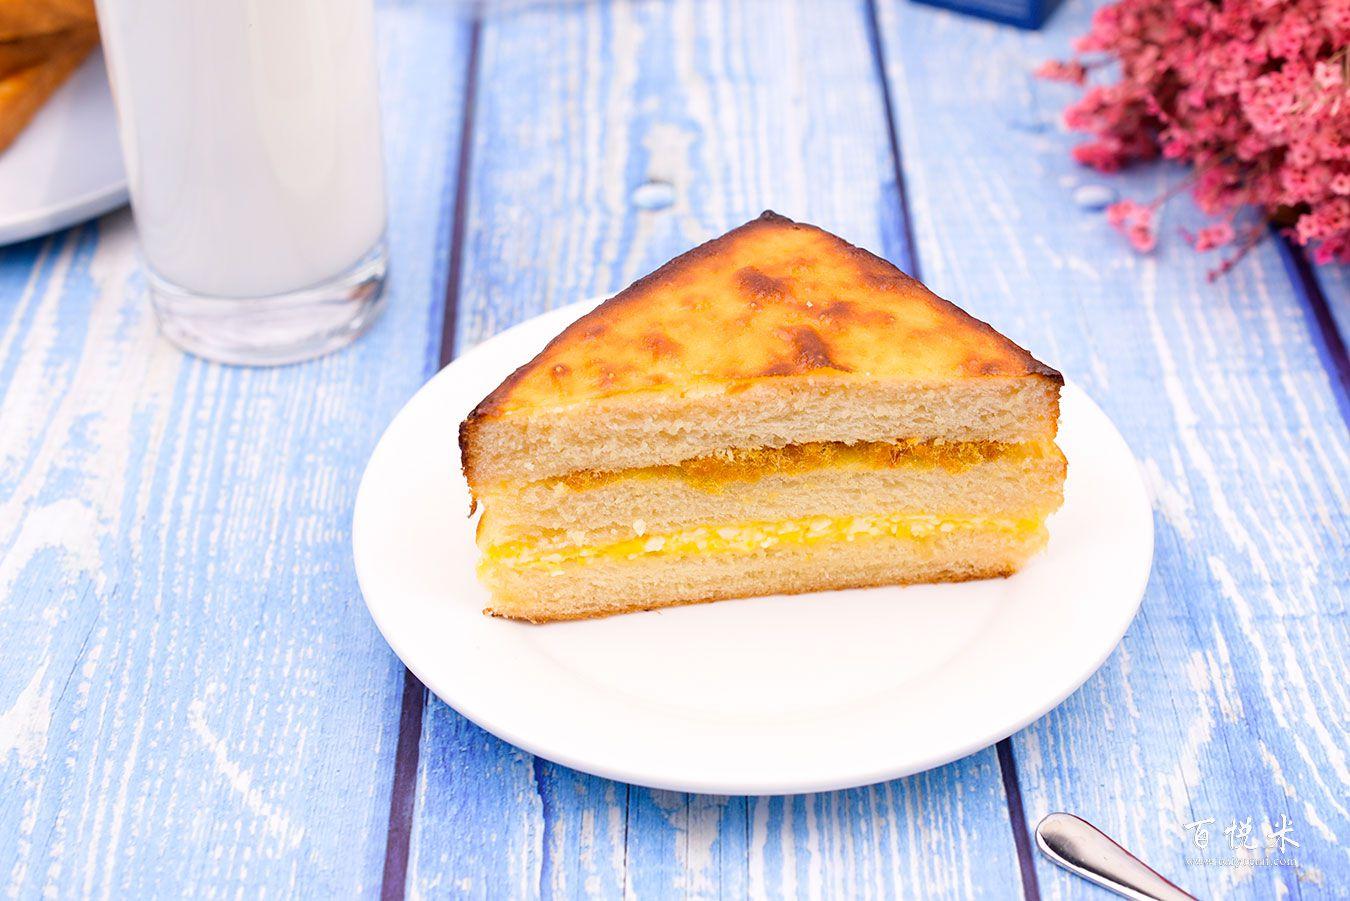 炭烧乳酪高清图片大全【蛋糕图片】_632